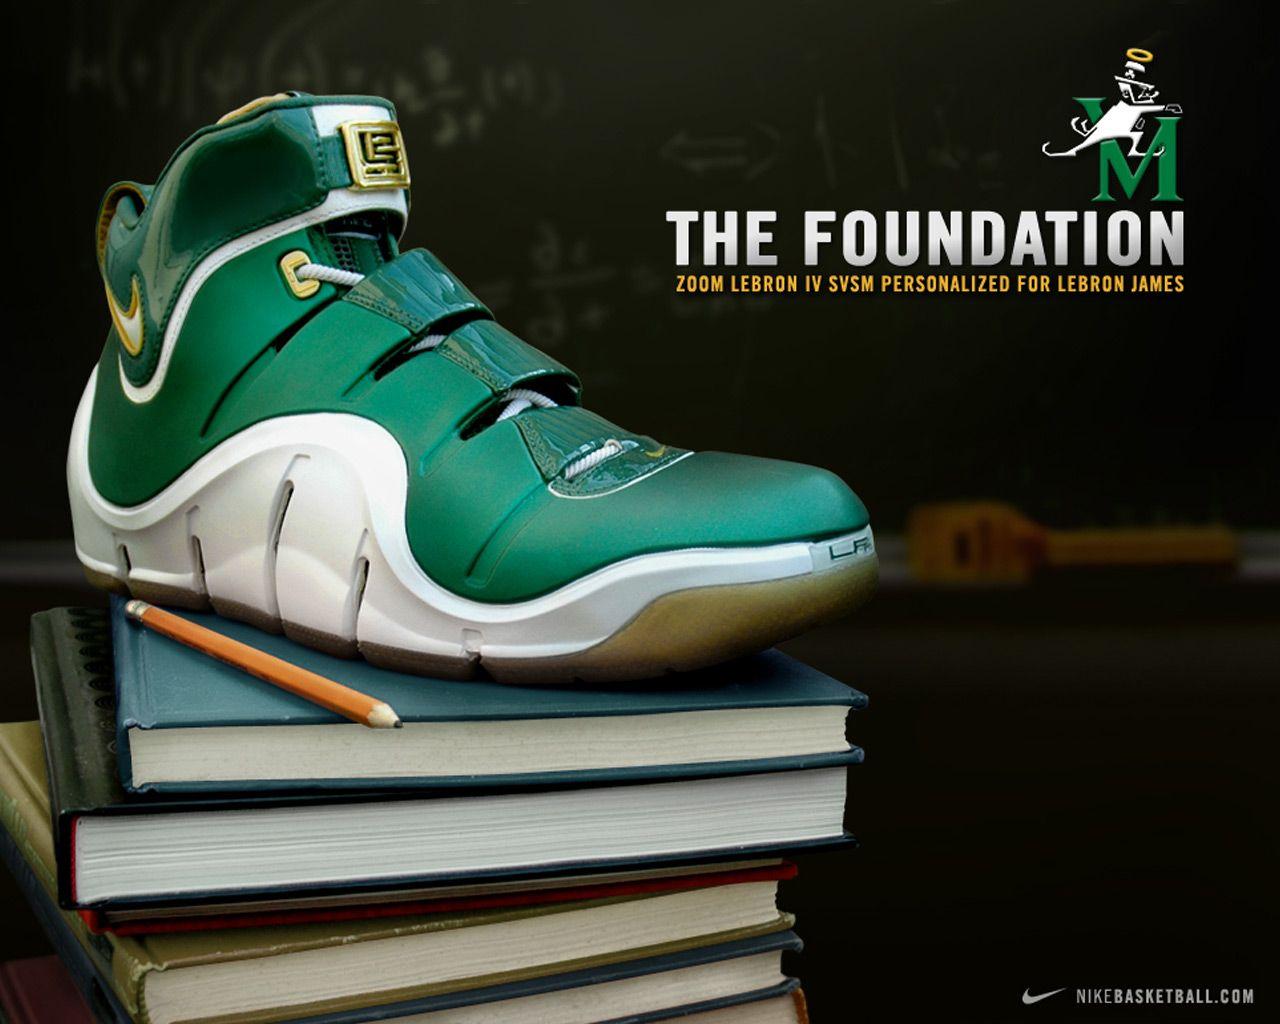 Fond d'écran > Marques > Nike Basketball